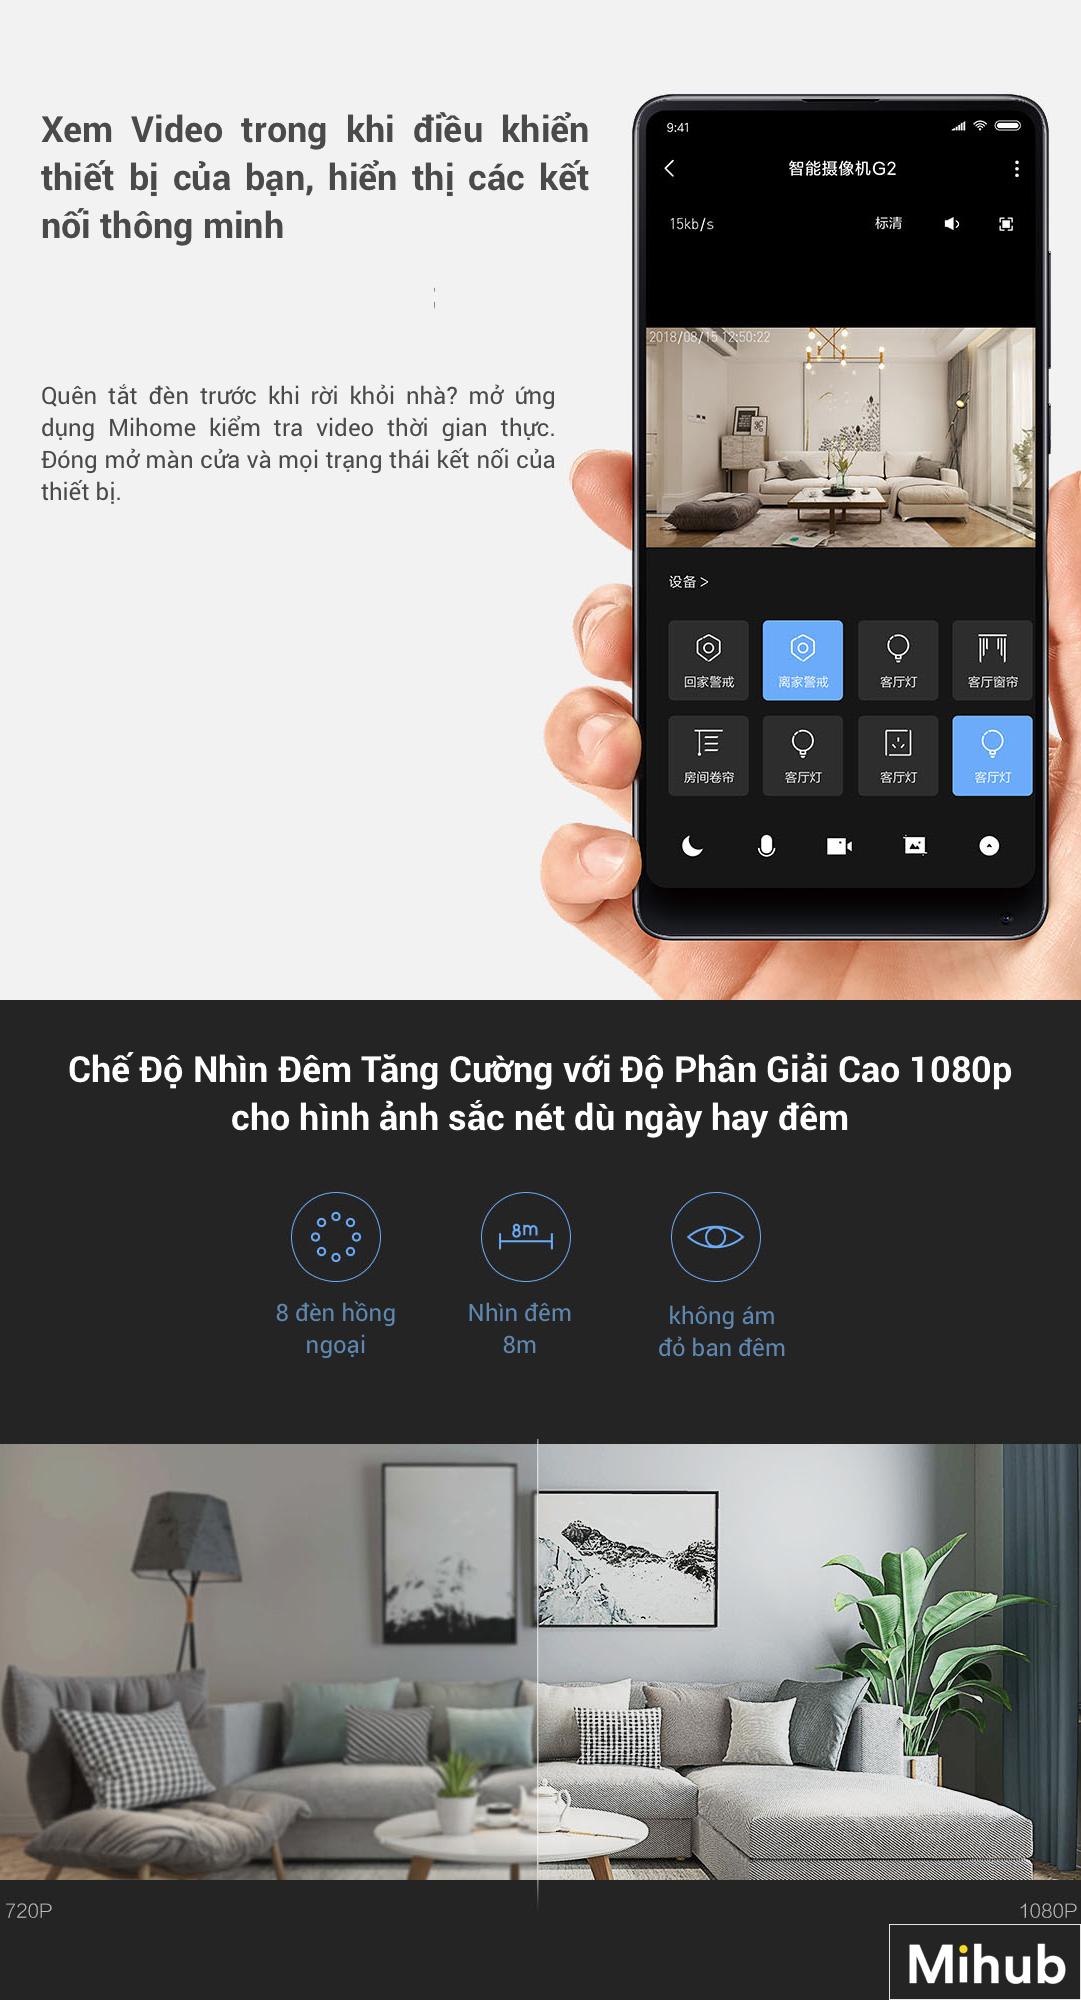 Địa chỉ bán Sản Phẩm Camera Thông Minh IP Aqara G2 1080p (Phiên Bản Gateway) Hàng Chính Hãng